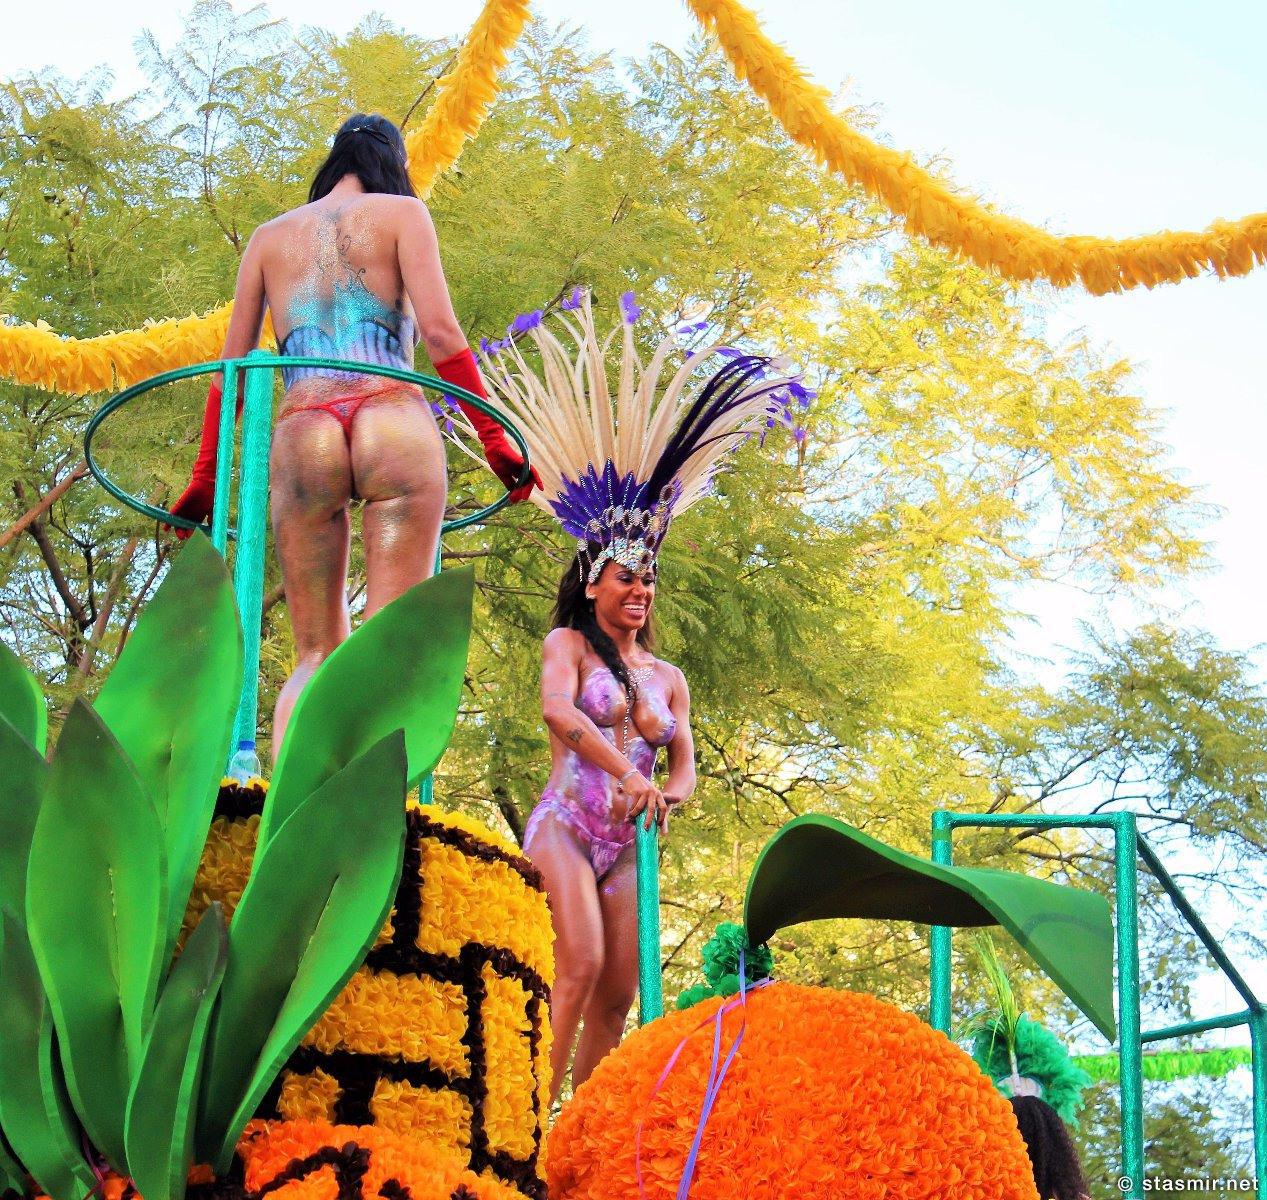 Прекрасные бразильянки на карнавале в Луле, Loule, Португалия, фото Стасмир, photo Stasmir